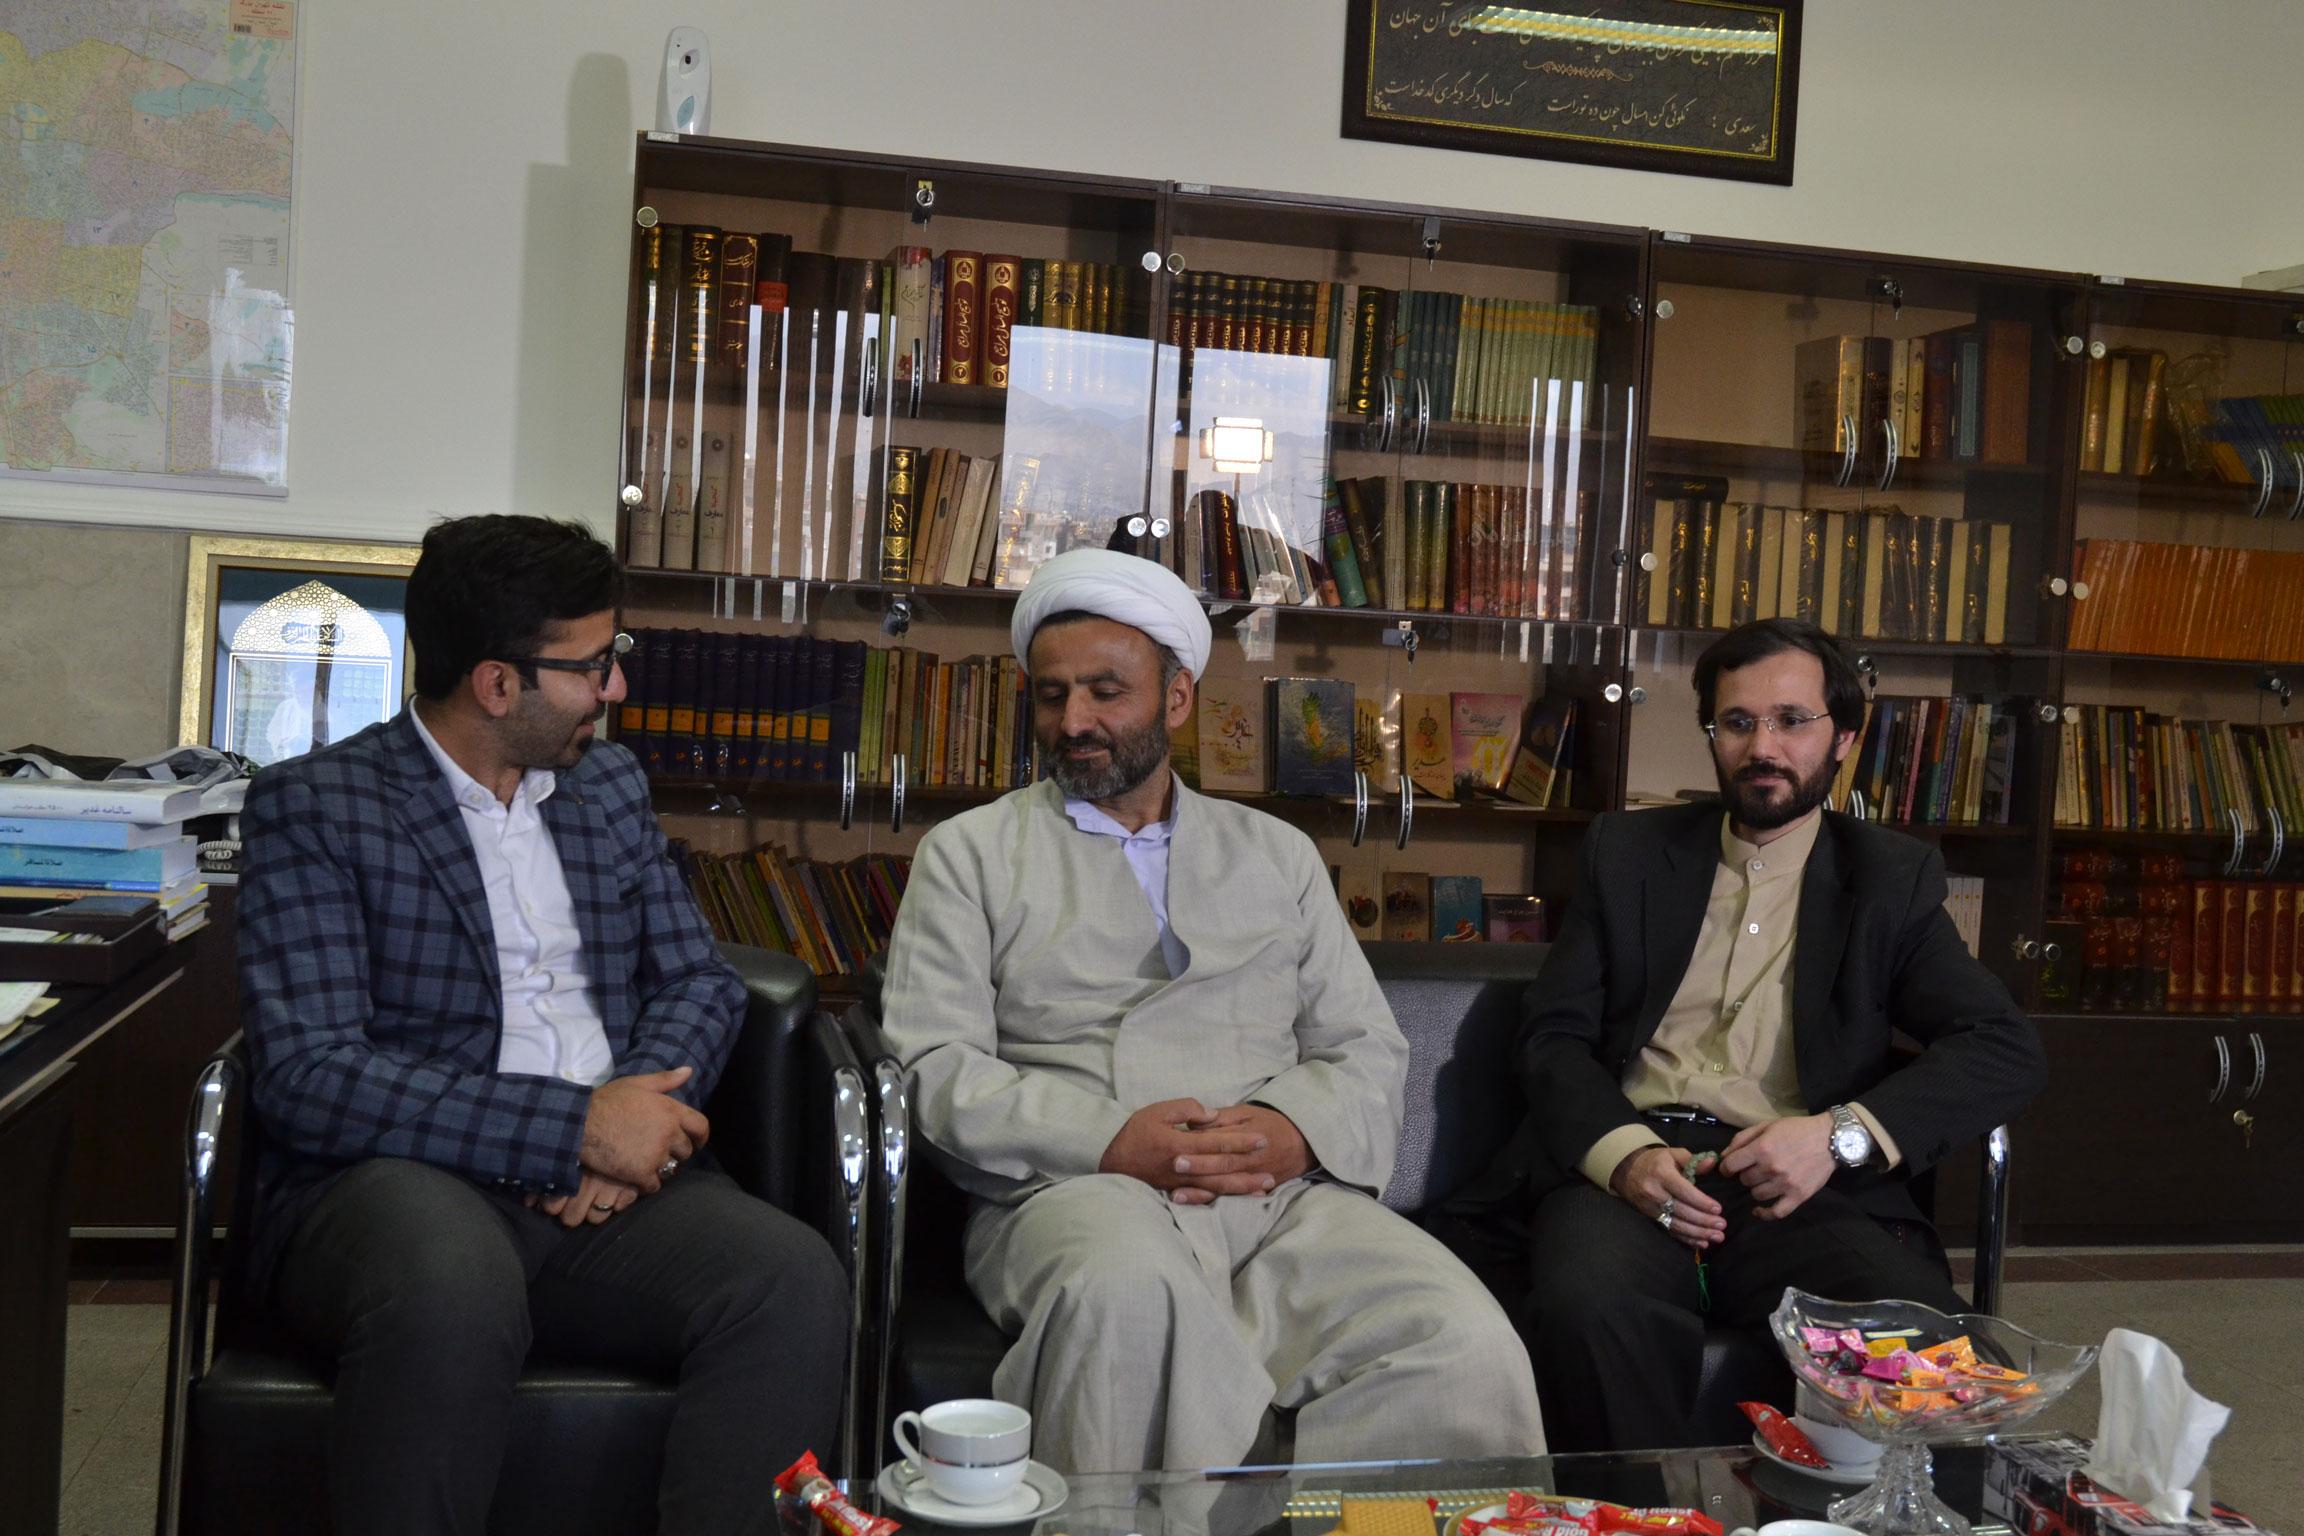 دیدار دوستانه مهندس حسینی با حاج آقای شمشاد